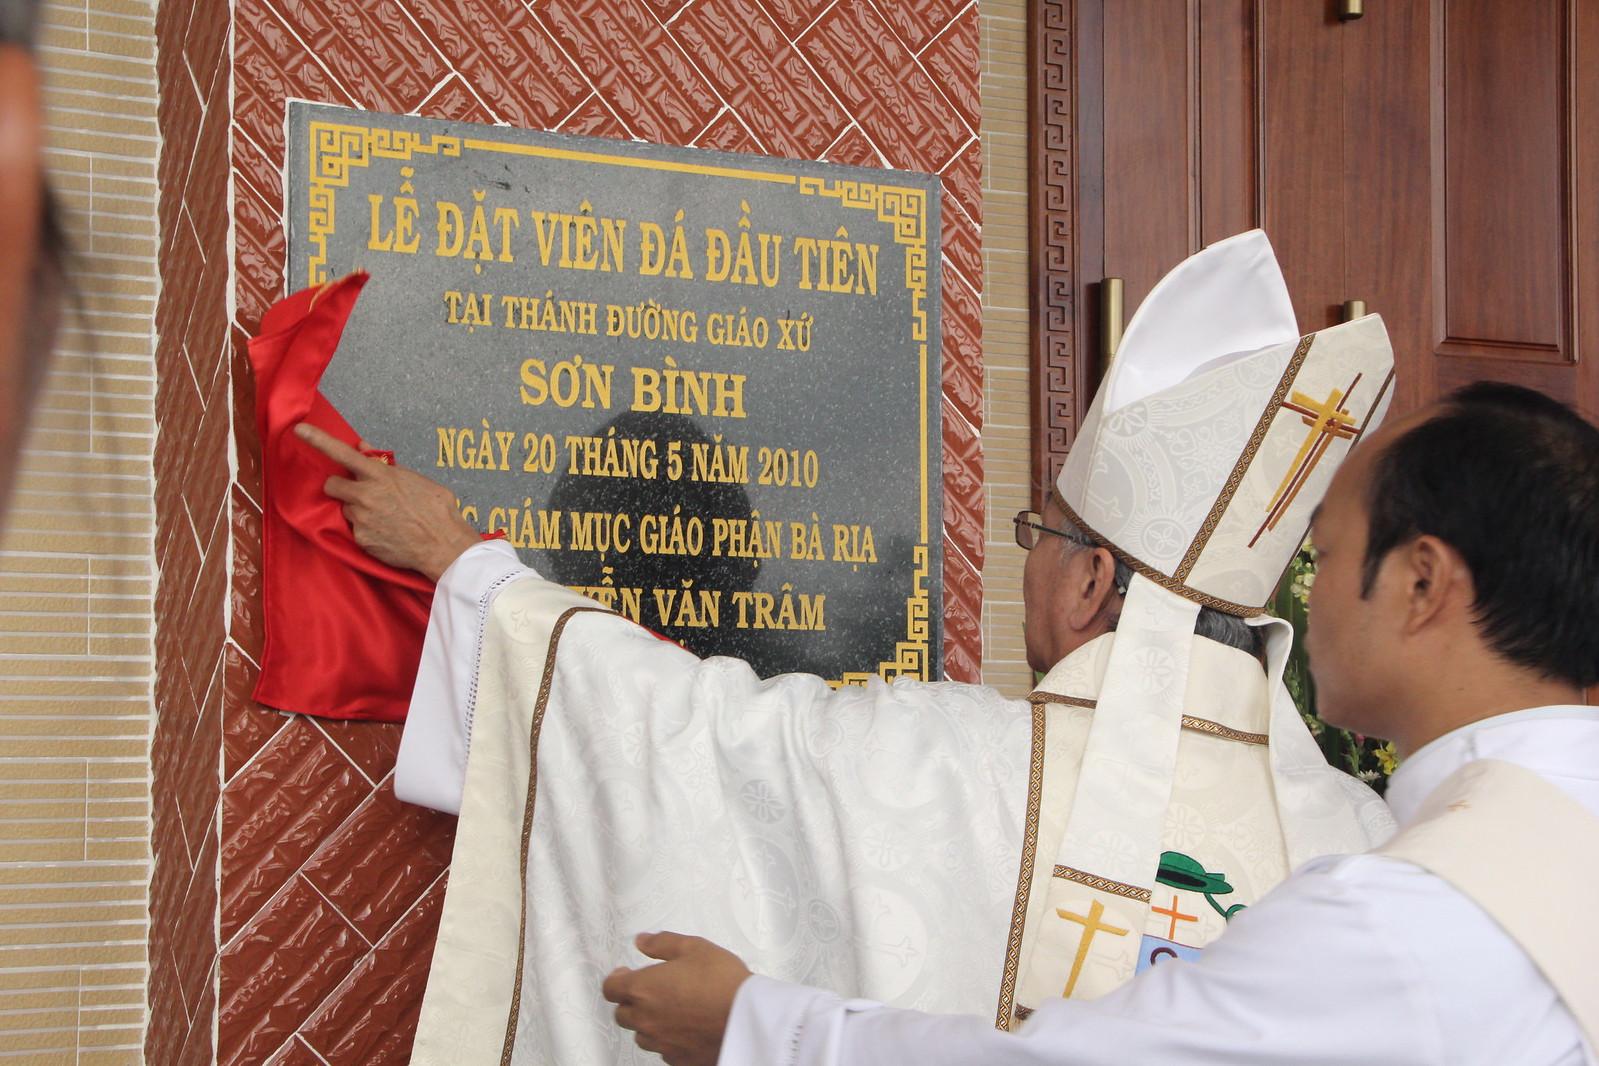 Giáo xứ Sơn Bình: Thánh lễ tạ ơn và nghi thức cung hiến thánh đường và xức dầu bàn thờ